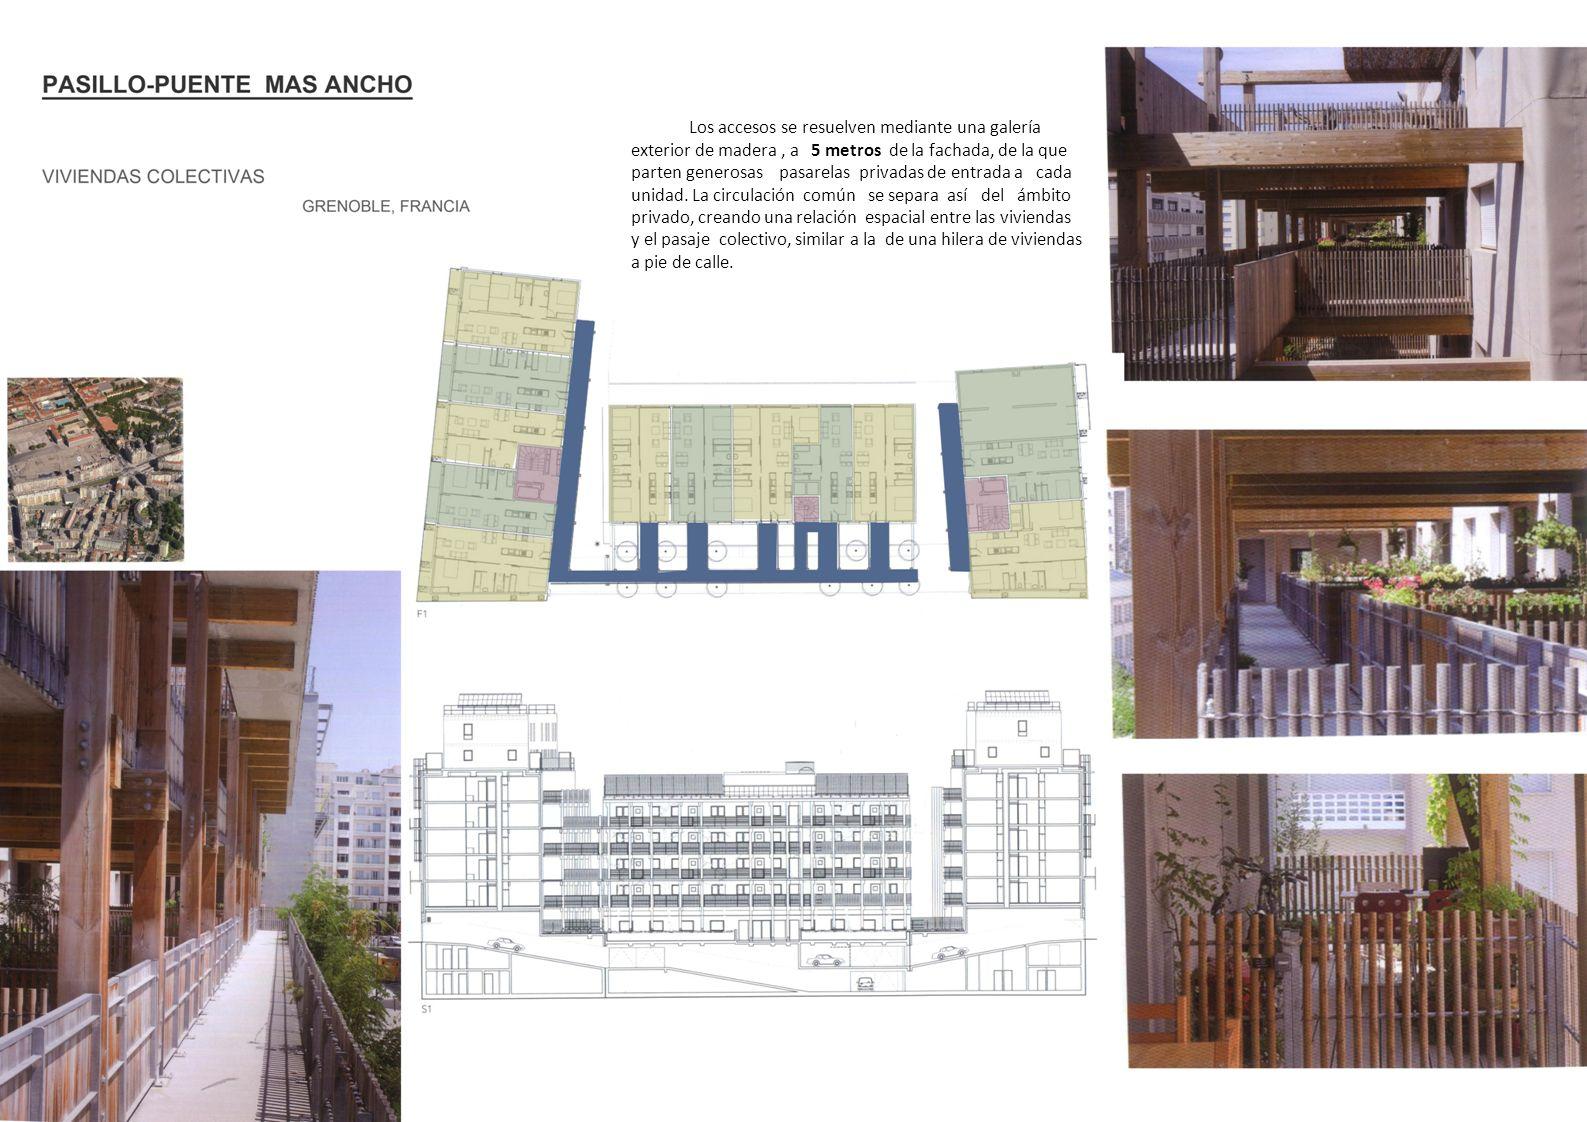 Los accesos se resuelven mediante una galería exterior de madera , a 5 metros de la fachada, de la que parten generosas pasarelas privadas de entrada a cada unidad.